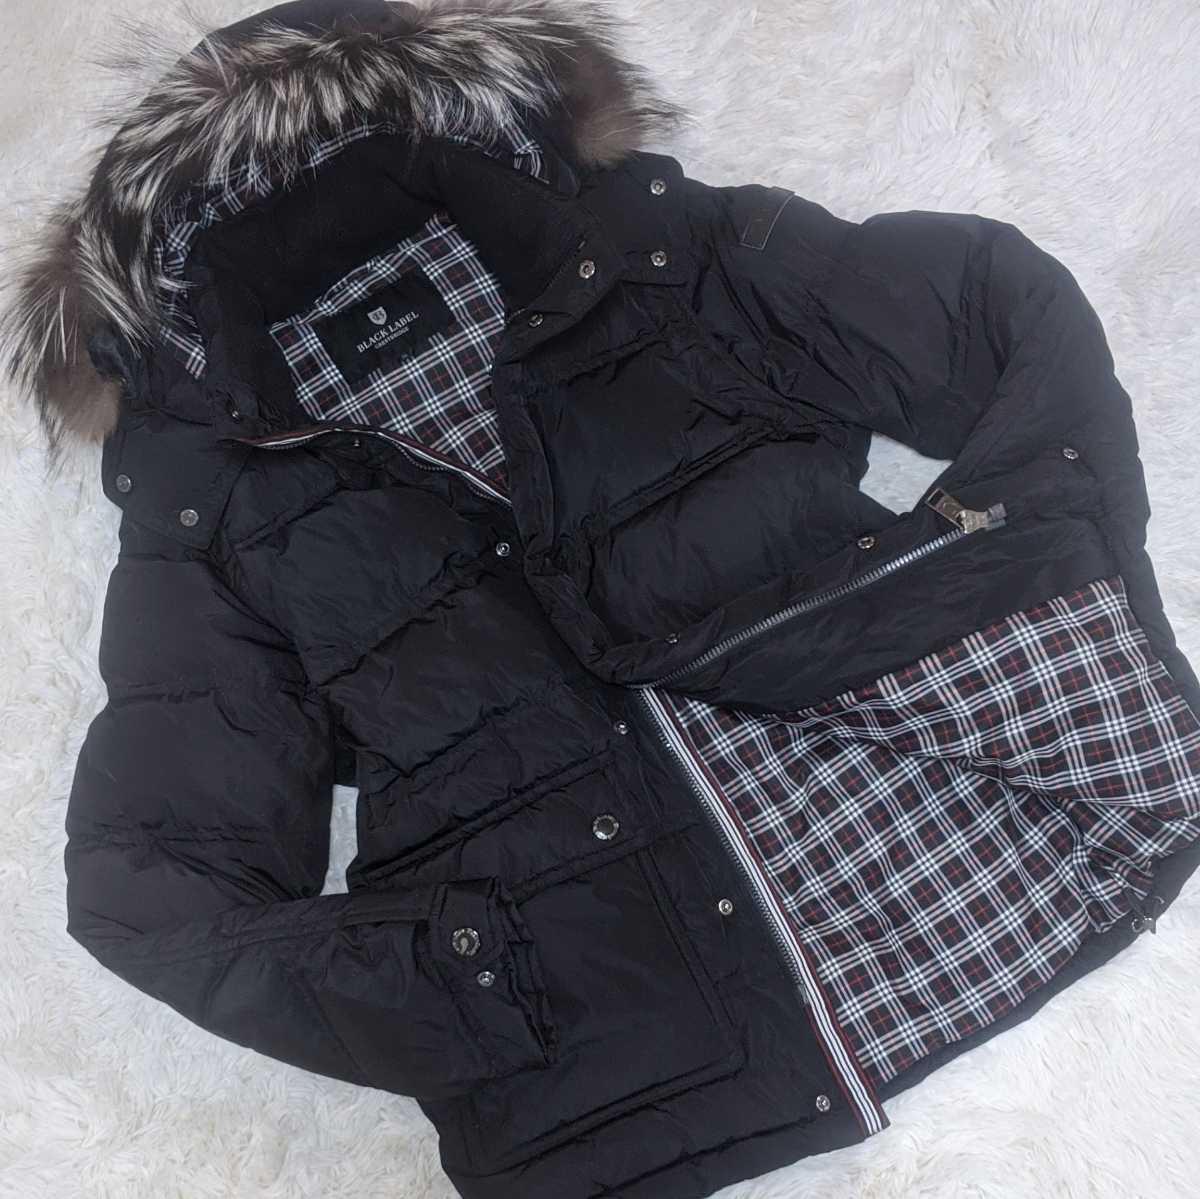 美品 ブラックレーベル クレストブリッジ 4way ダウンジャケット LLサイズ シルバーフォックスファー BLACK LABEL CRESTBRIDGE コート